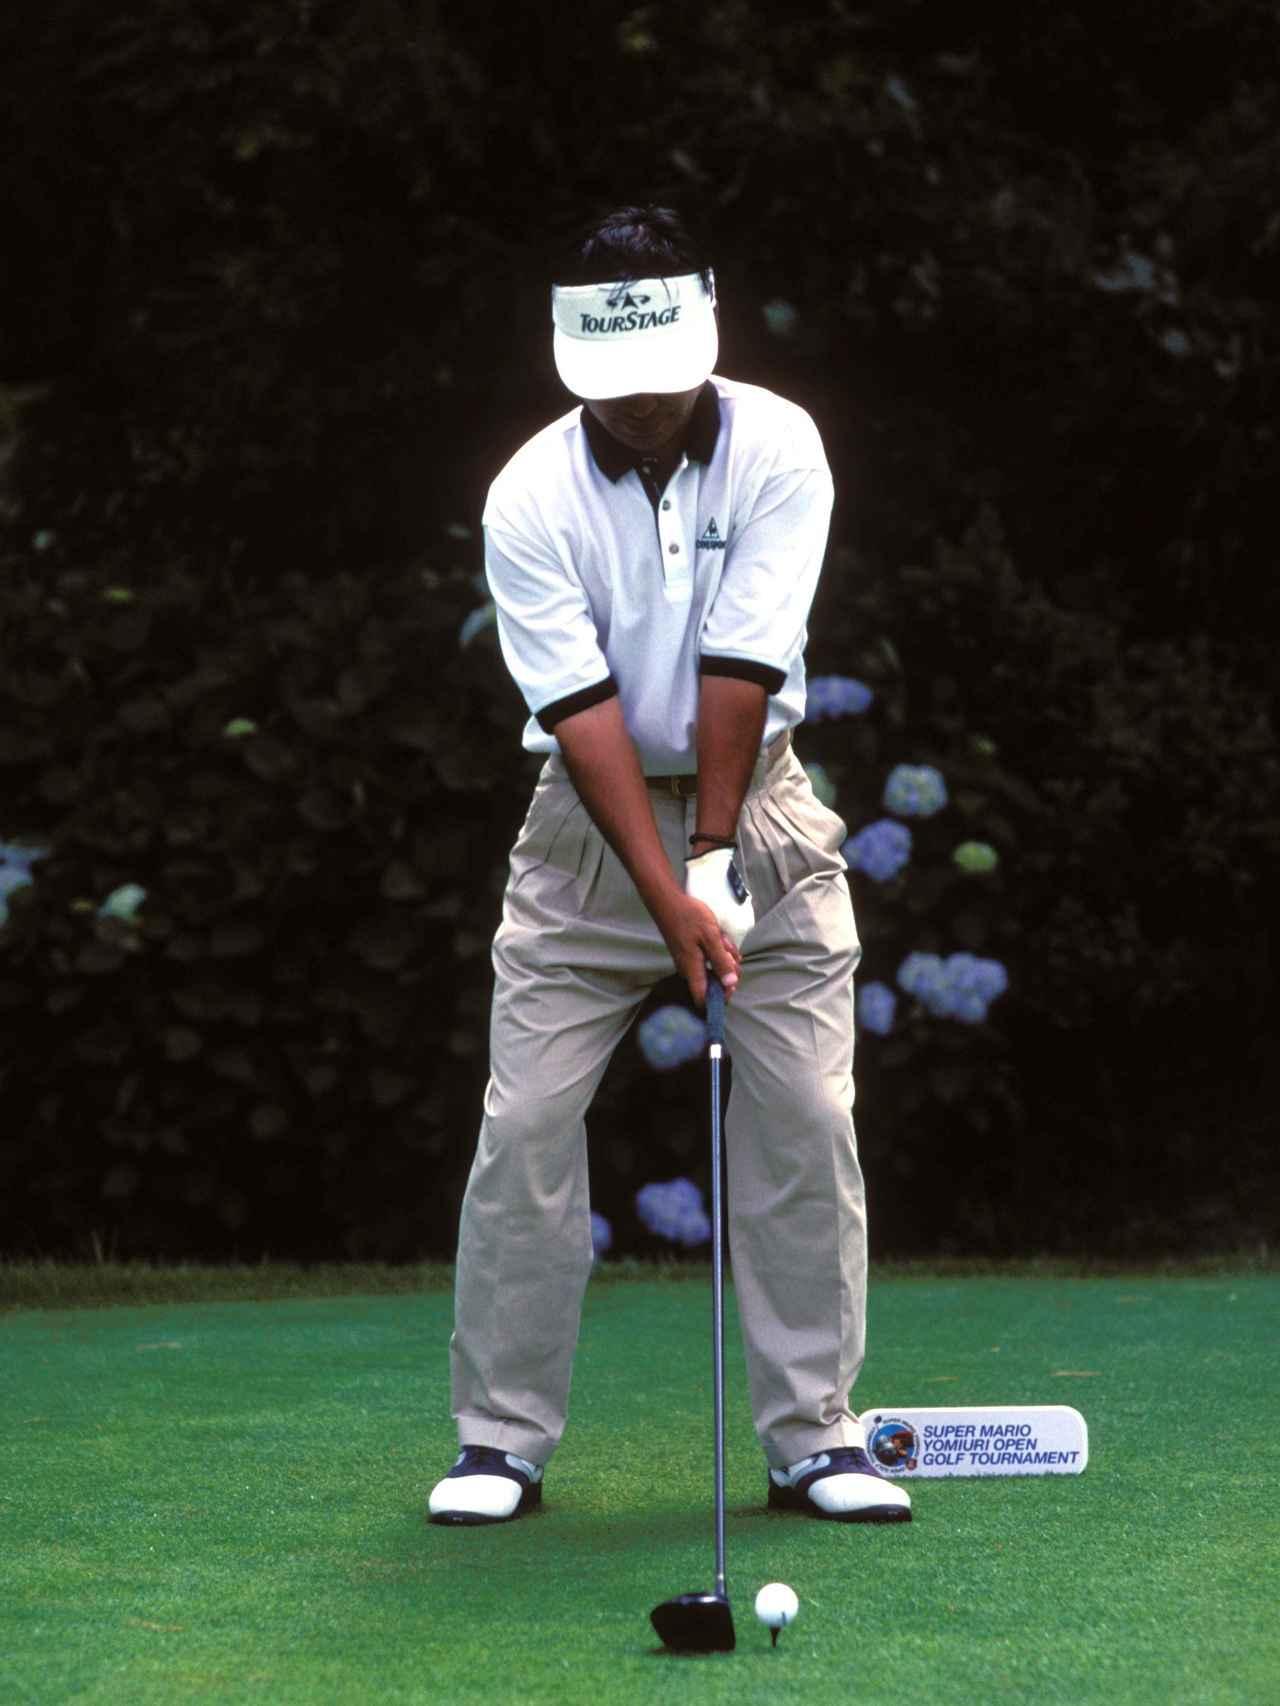 画像1: 【通勤GD】伊澤利光「イザワの法則」Vol.5「年齢」でスウィングは変える? 変えない? ゴルフダイジェストWEB